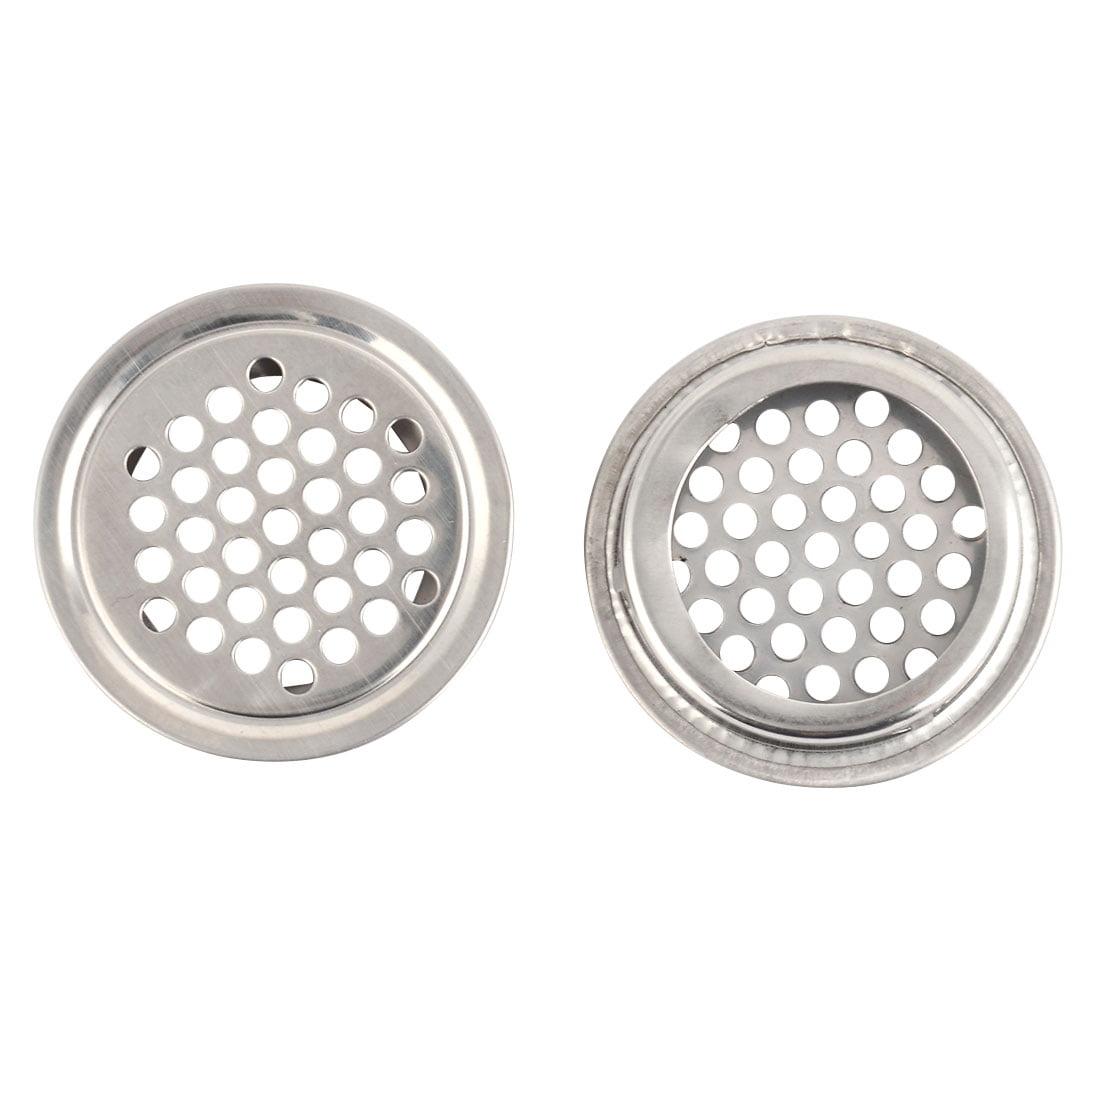 Cuisine salle bain évier forme ronde métal bouchon filtre crépine bassin pot 2pcs